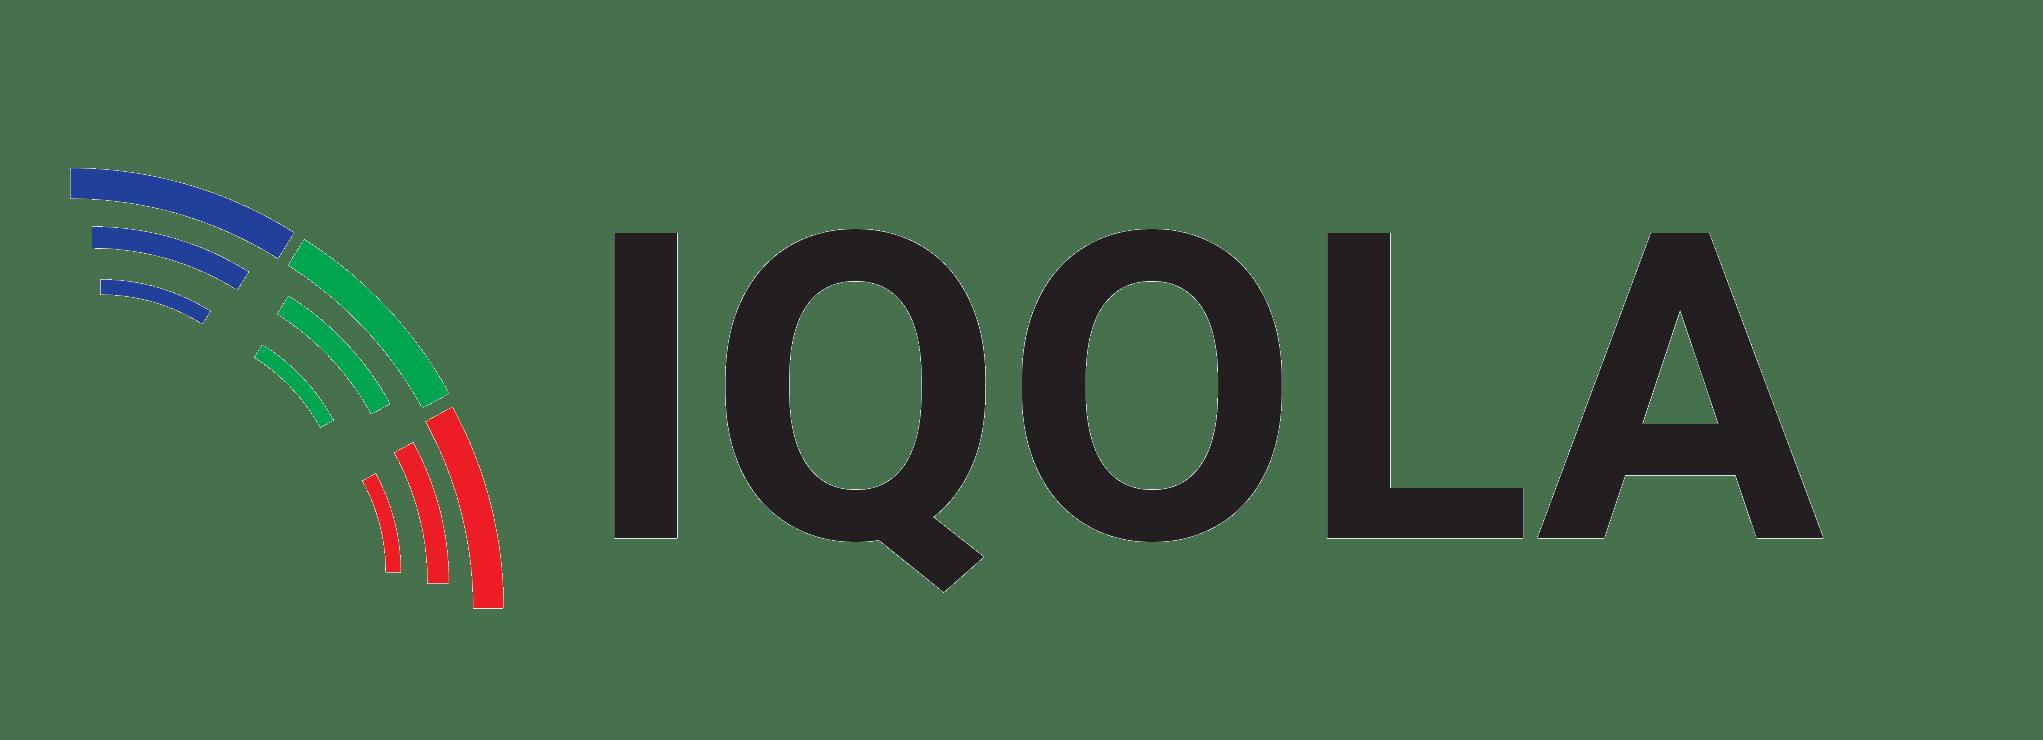 IQOLA Inc.